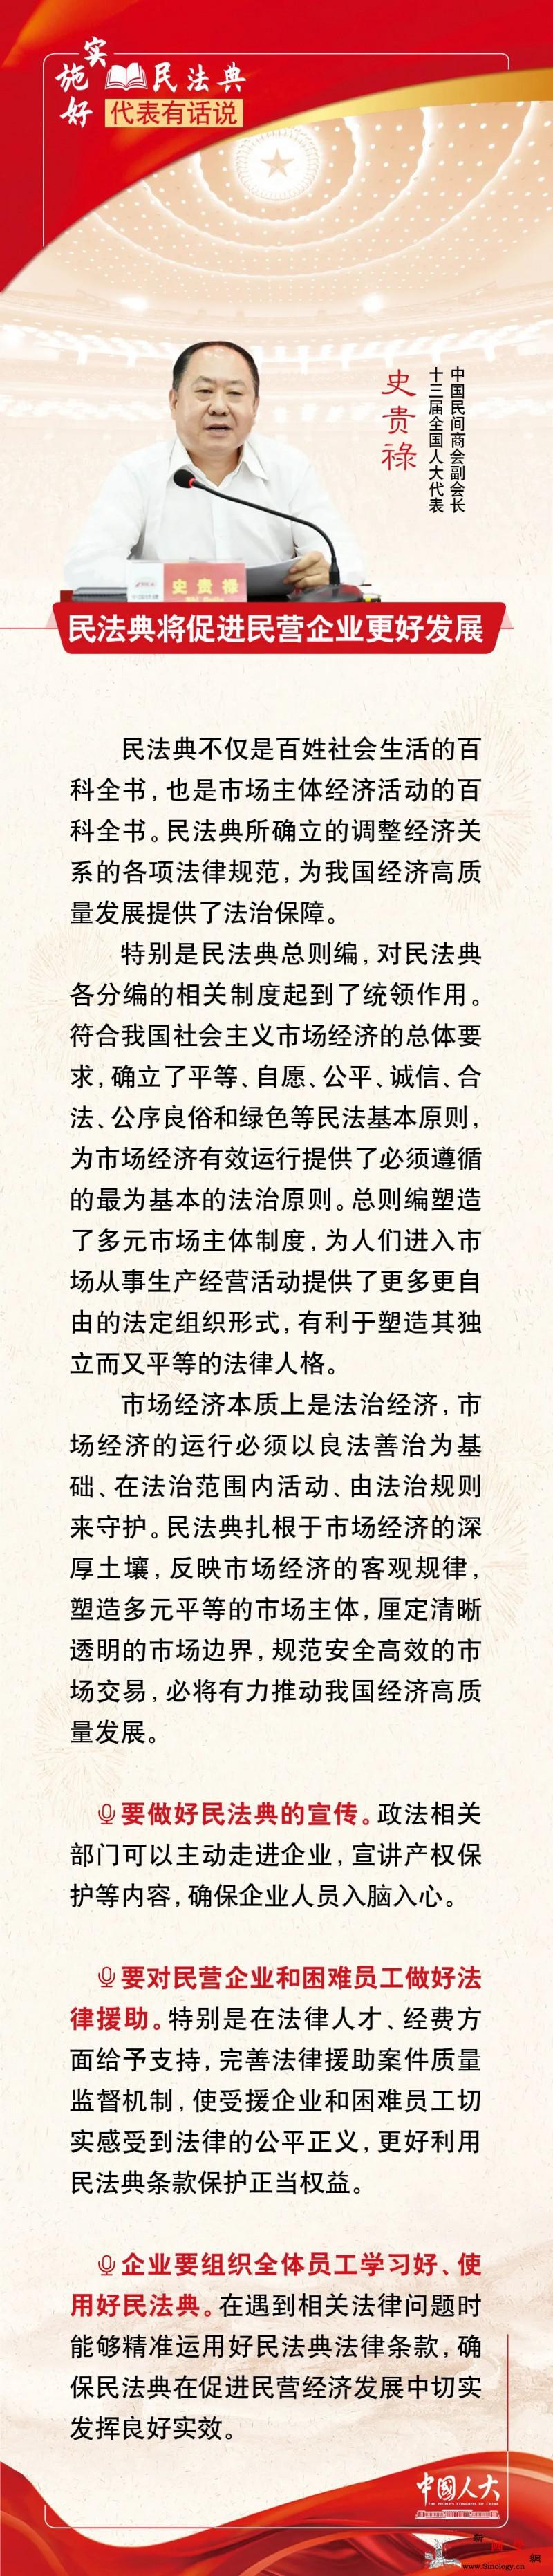 史贵禄:民法典将促进民营企业更好发展_文案-编辑-民法典-